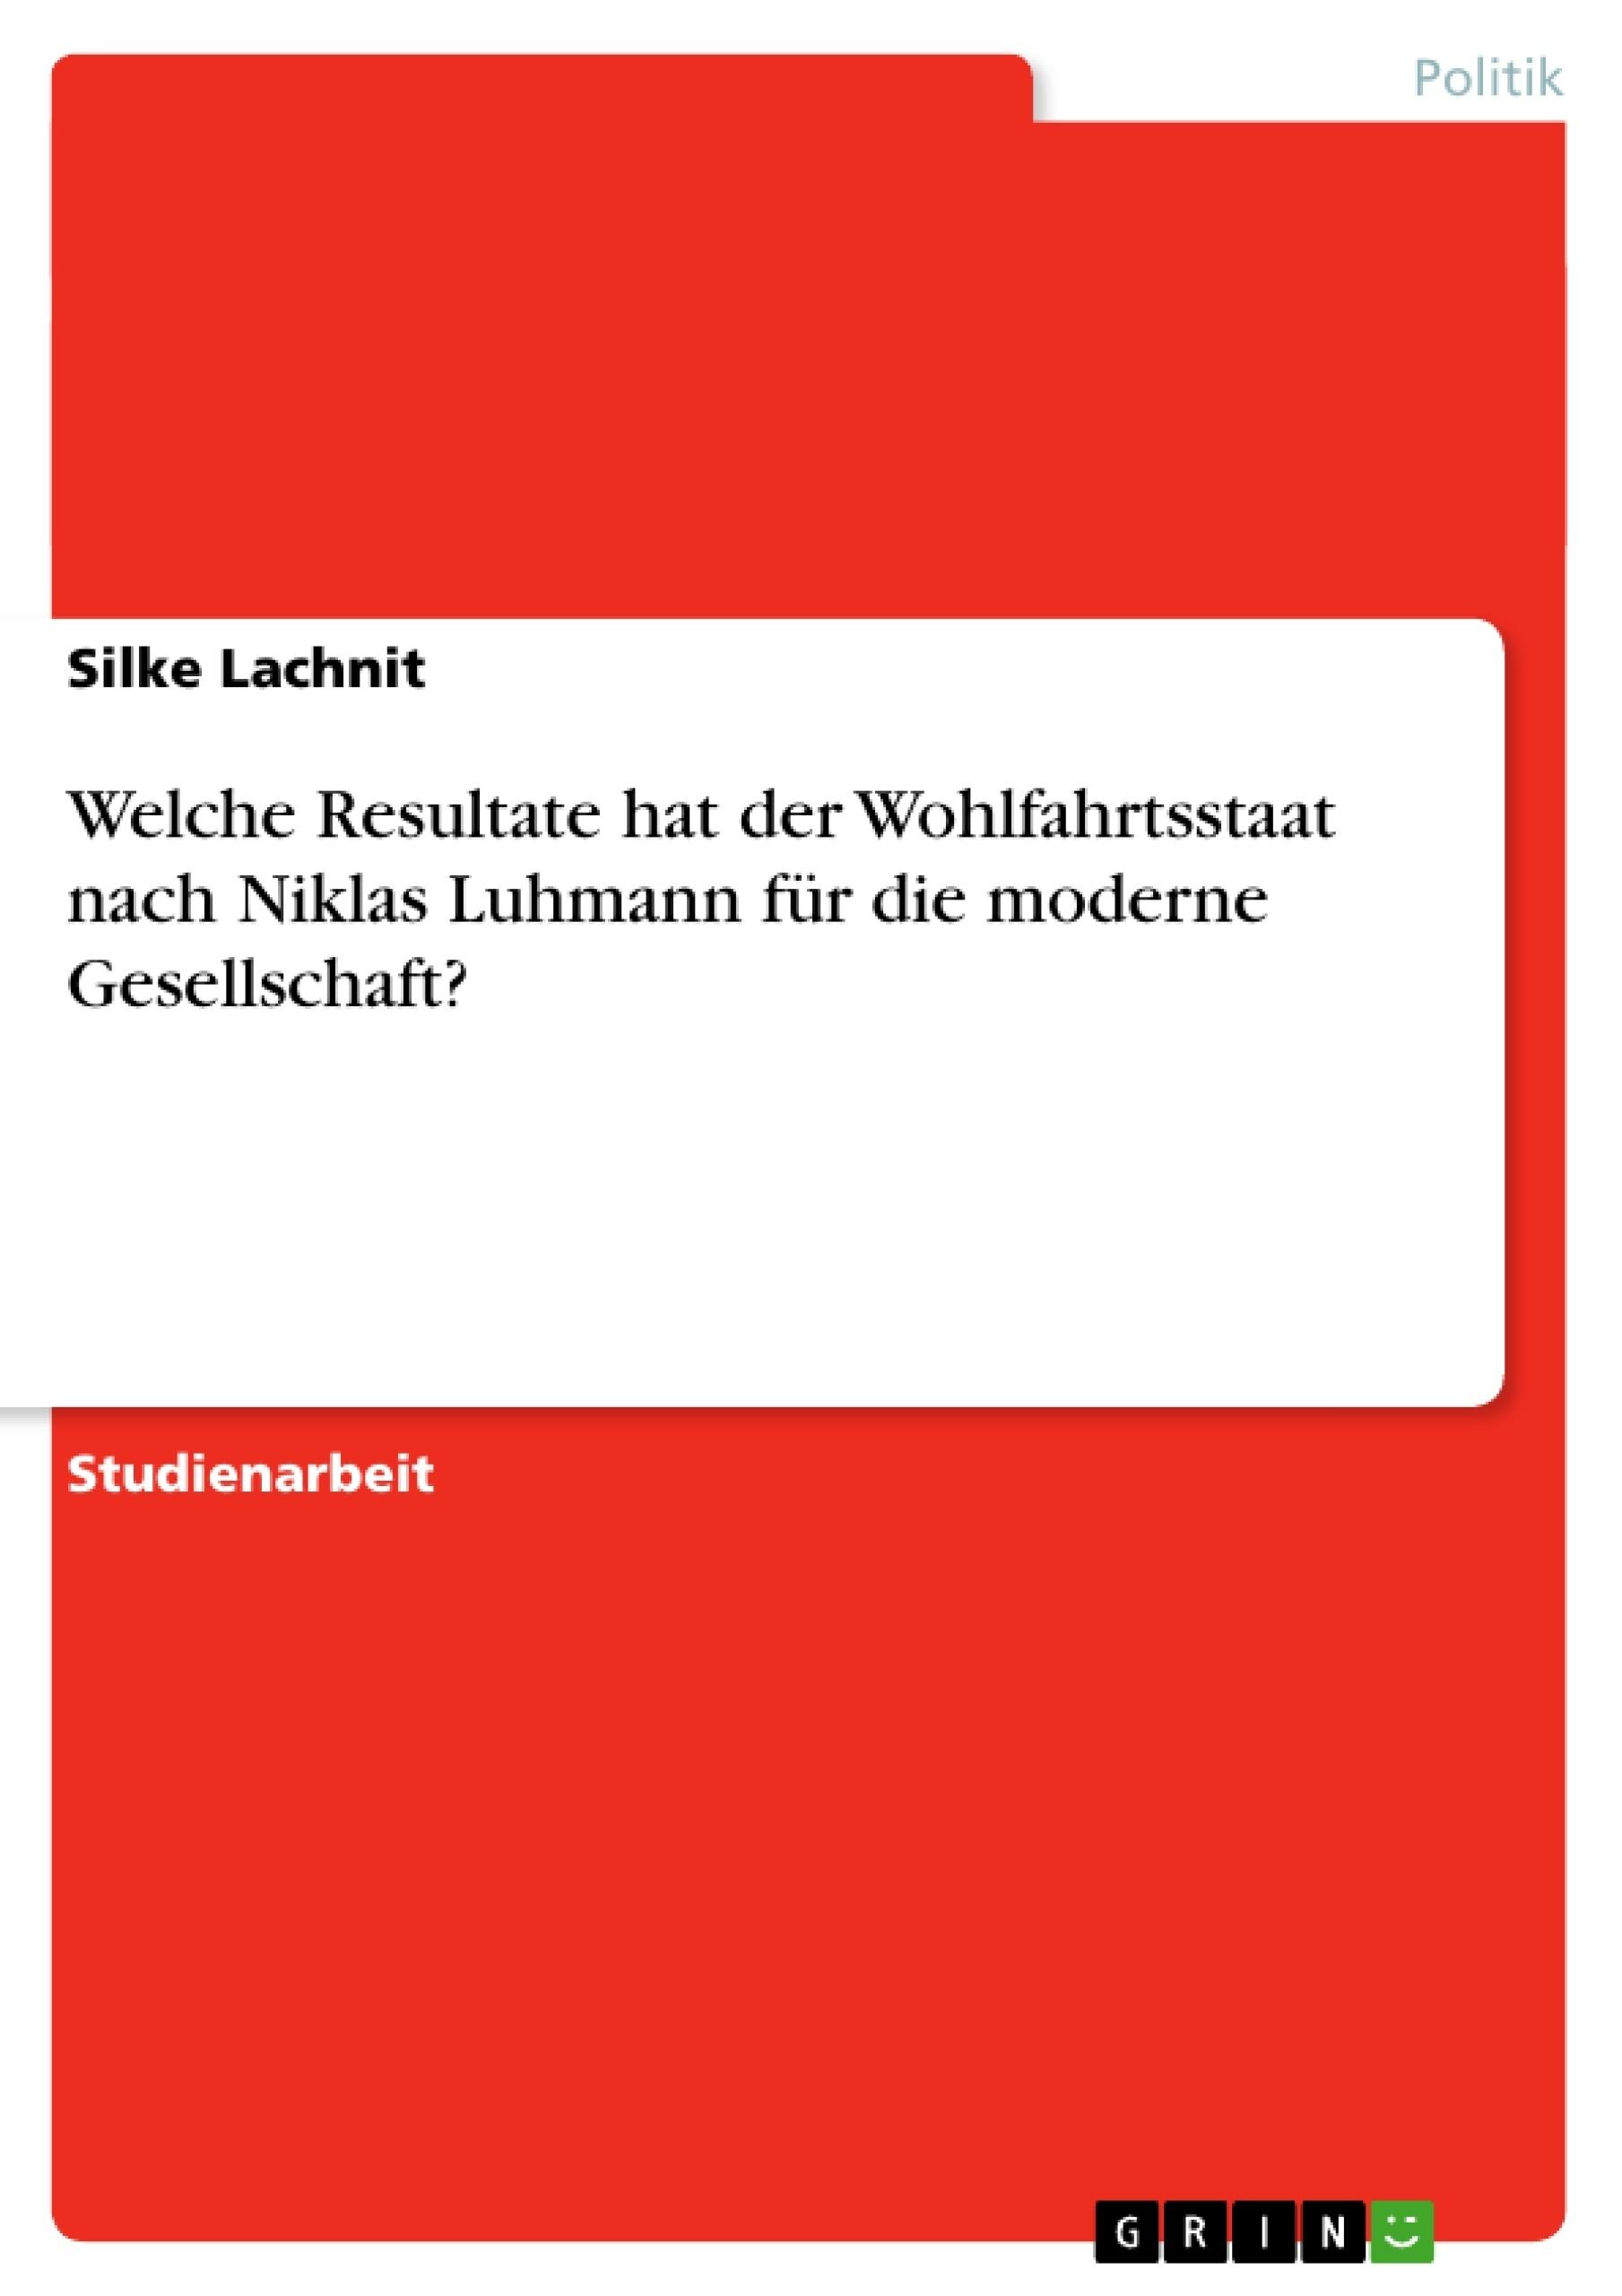 Titel: Welche Resultate hat der Wohlfahrtsstaat nach Niklas Luhmann für die moderne Gesellschaft?